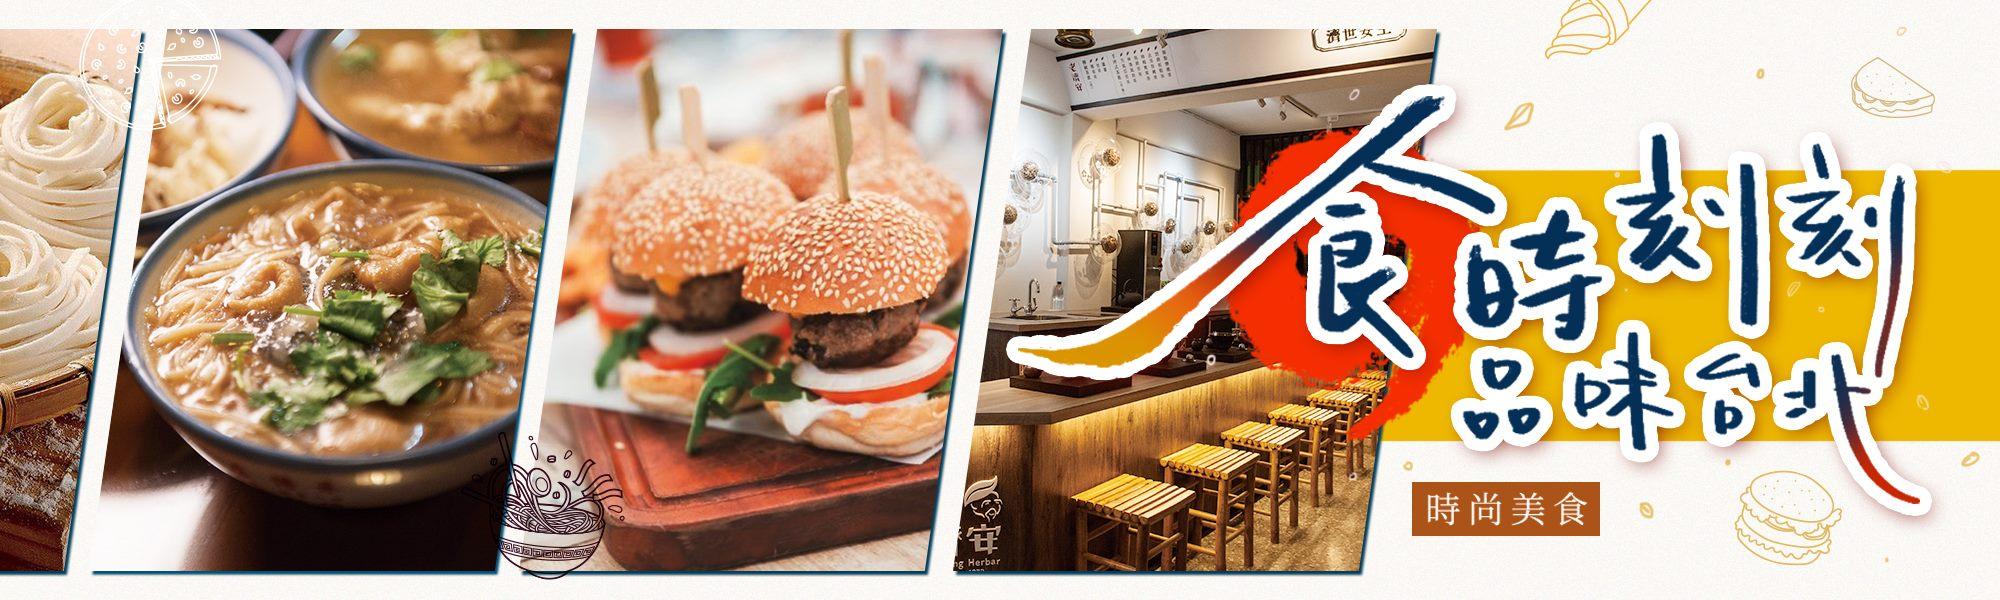 時尚美食:食時刻刻 品味台北